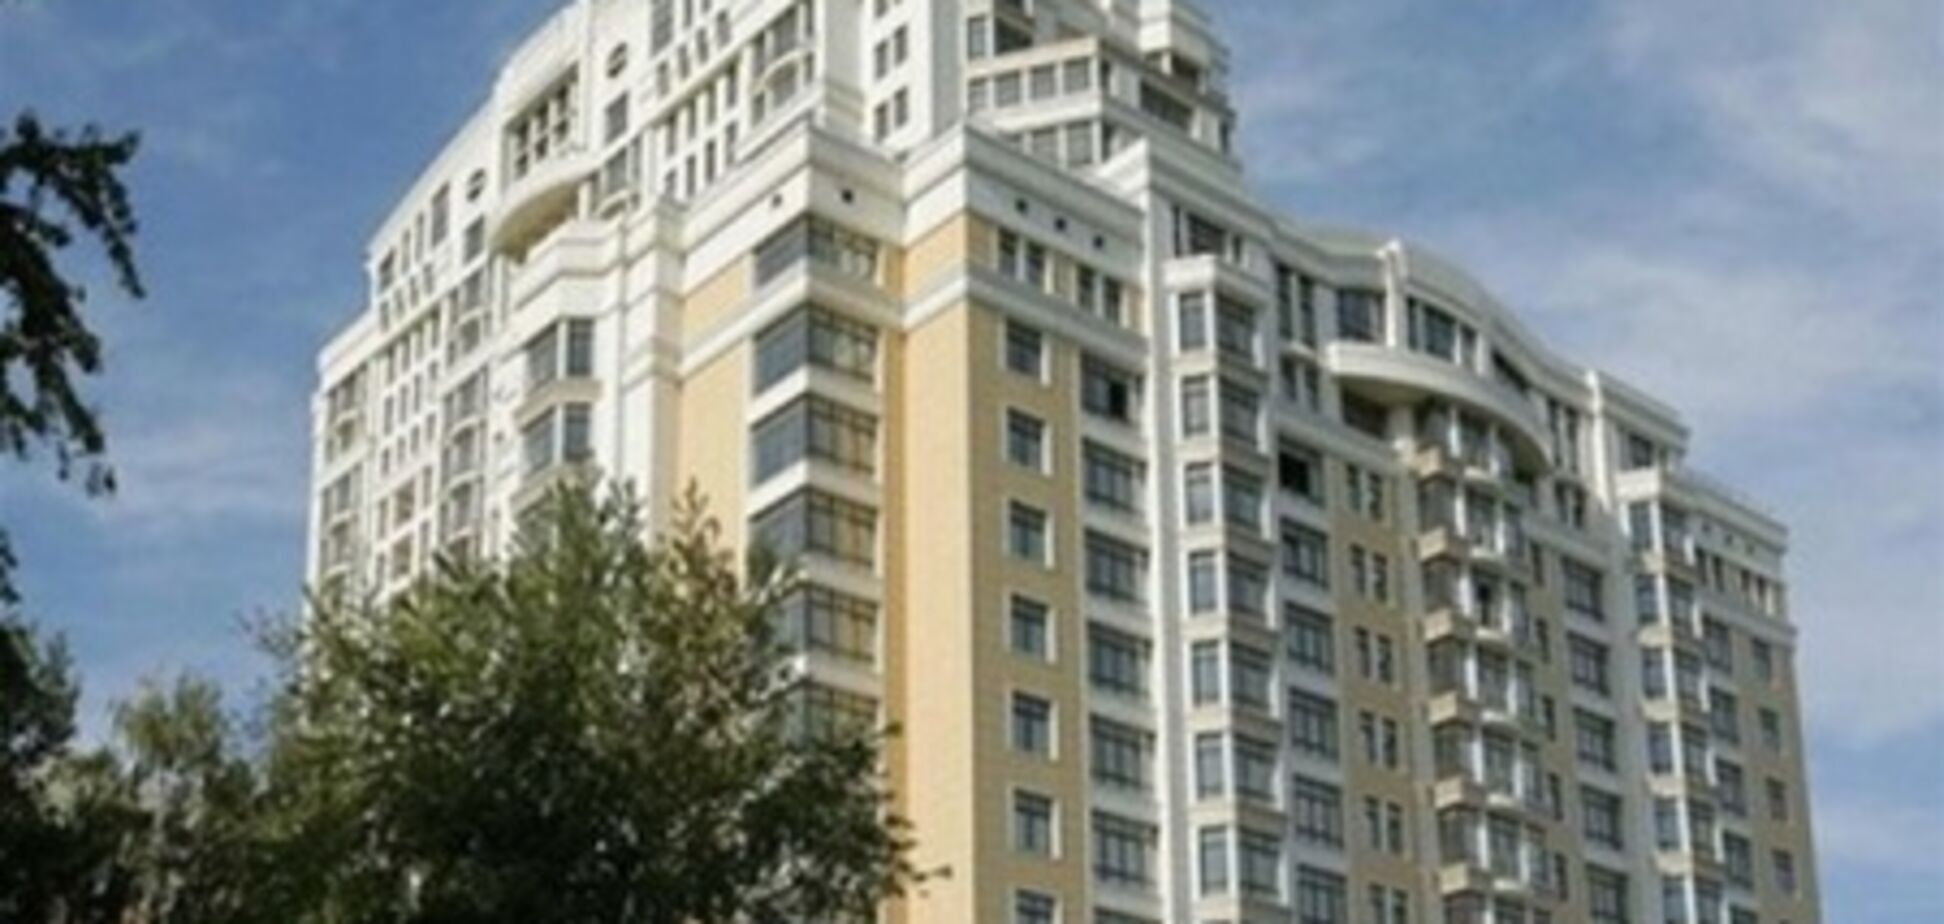 Самая дорогая квартира в Киеве стоит 14 млн долларов